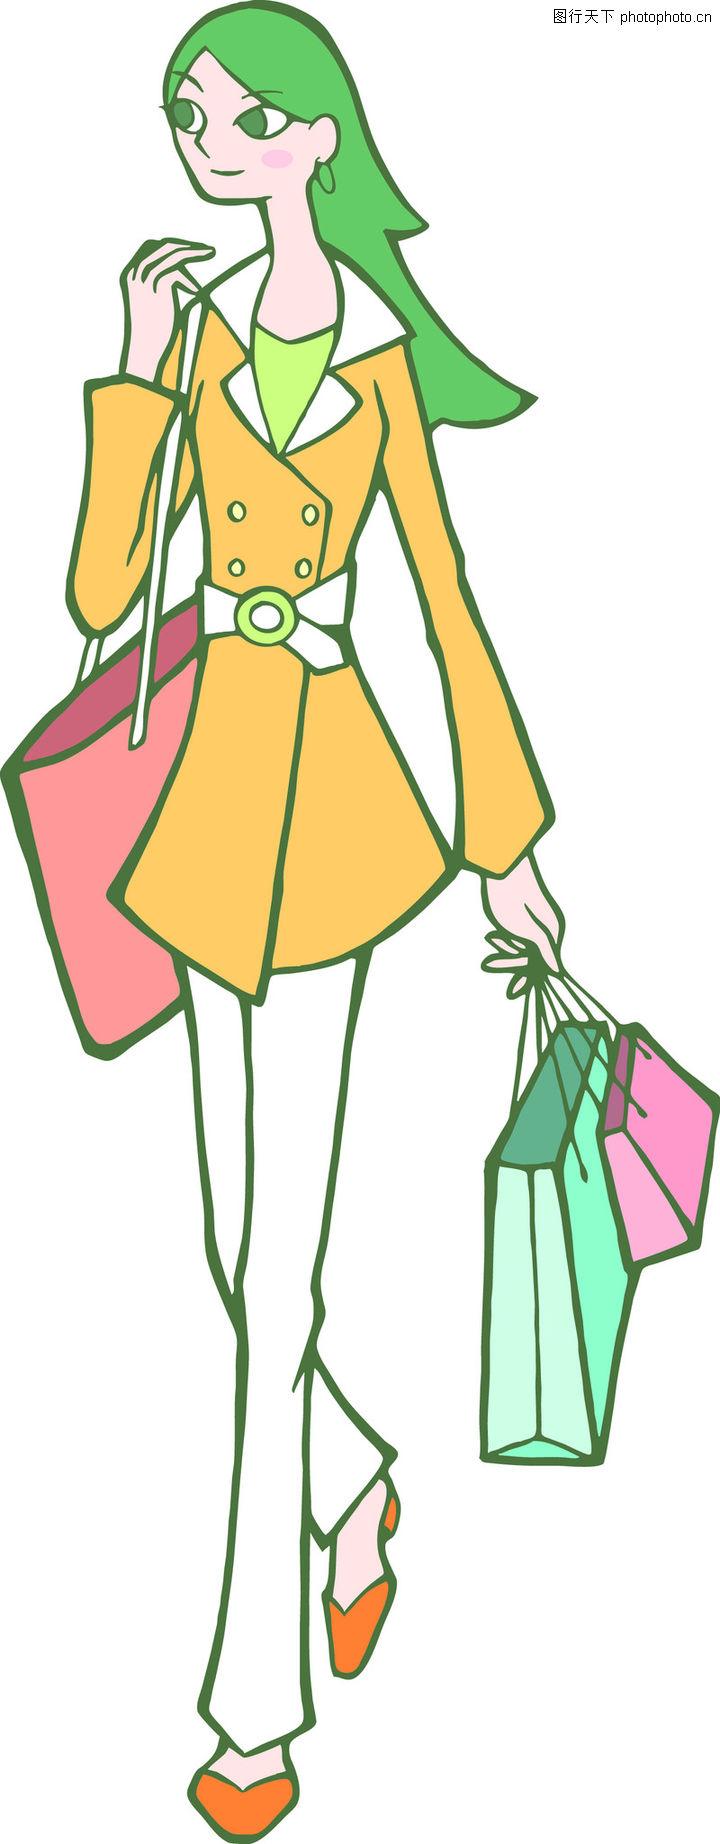 时尚女性,卡通人物,女性插画 绿色的头发,时尚女性0064